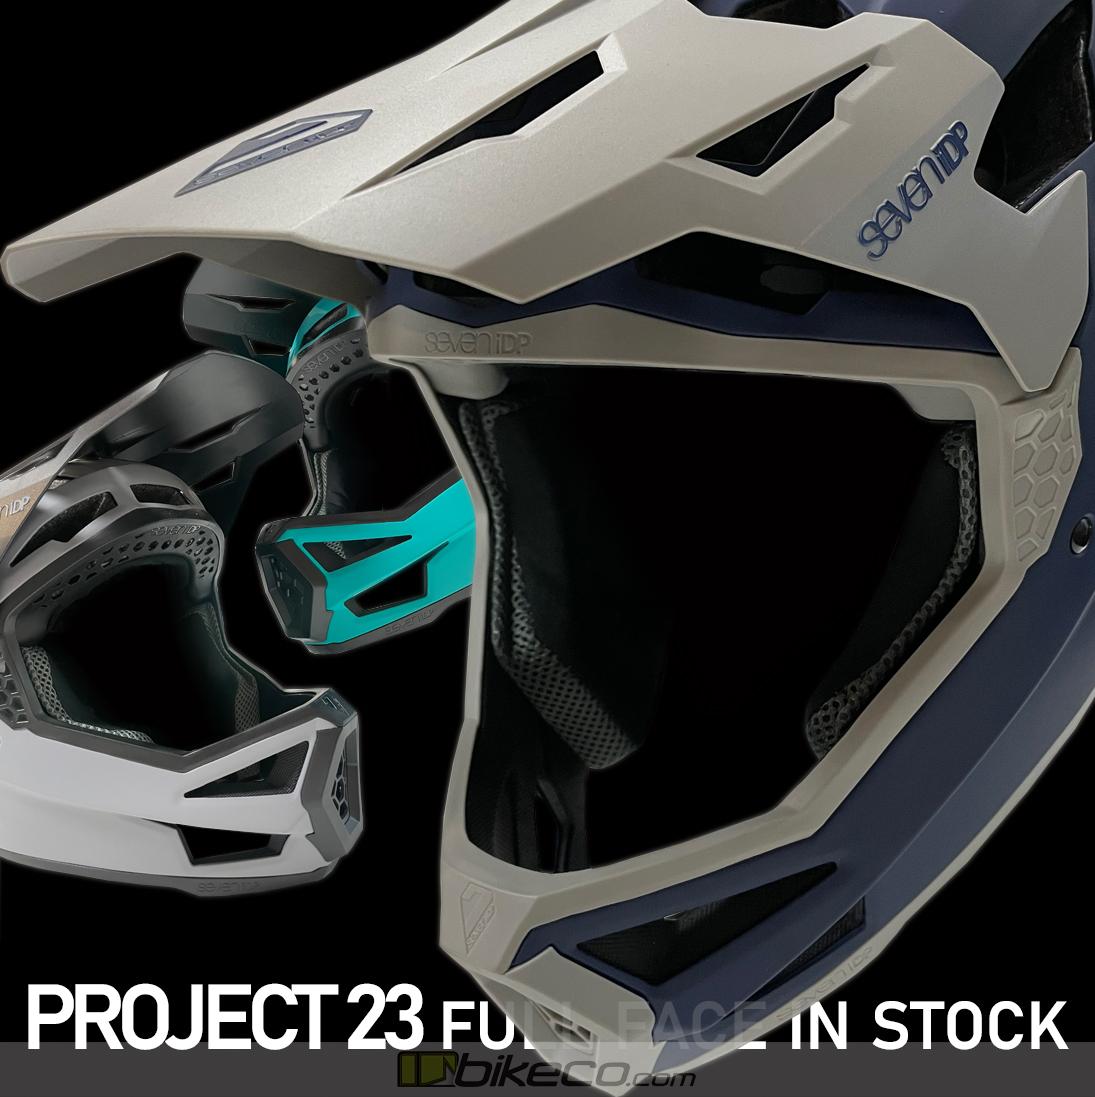 7iDP Project 23 Helmet in stock